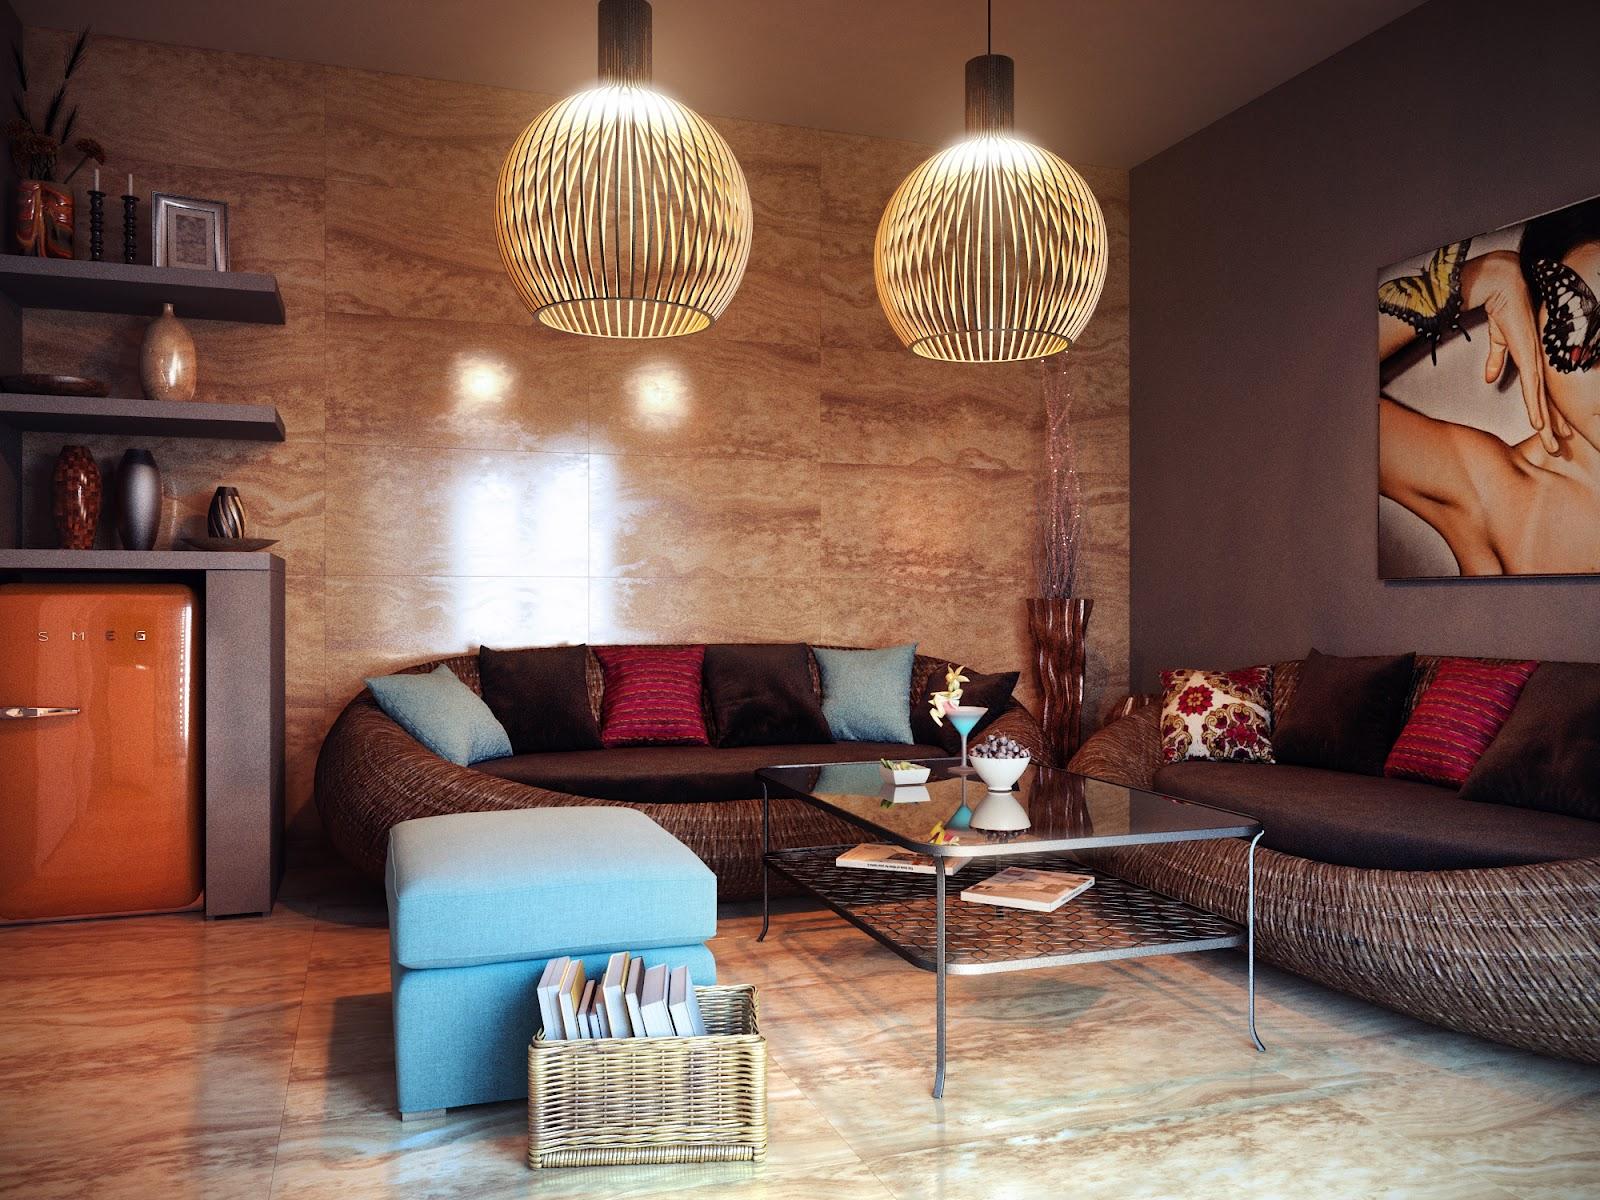 ruang+keluarga+rumah+modern Desain Rumah Modern Dari Karya Brilian Arsitektur Uglyanitsa Alexander